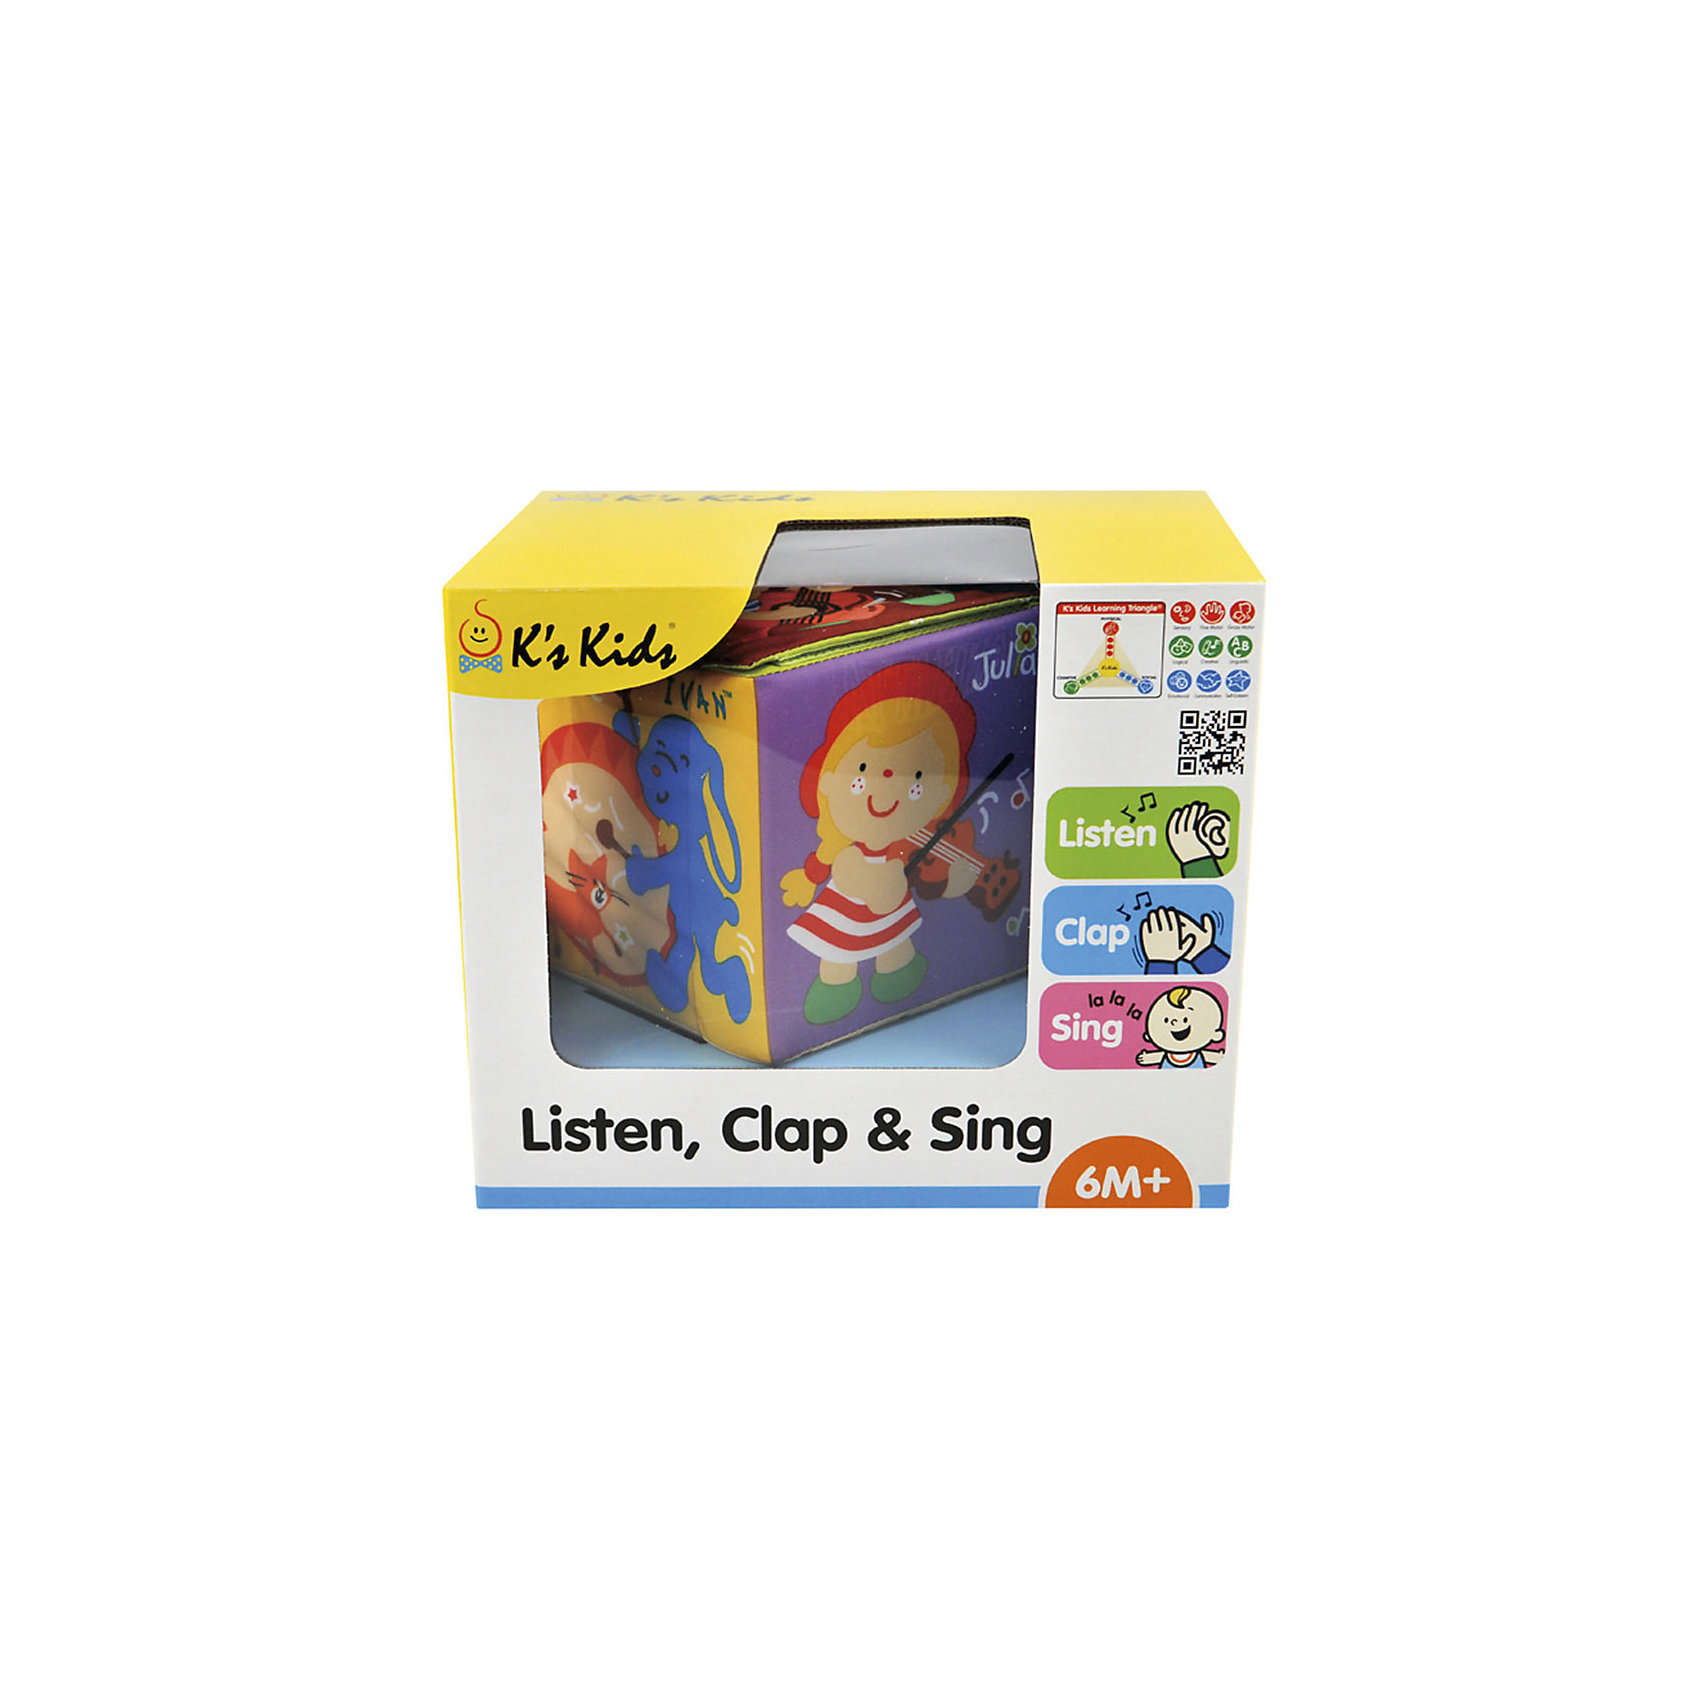 Музыкальный кубик, Ks KidsРазвивающие игрушки<br>Развивающие игрушки для новорожденных KS Kids – отличный подарок для любого малыша! Разработанные при участии специалистов по детскому развитию, все наборы KS Kids помогают самым маленьким деткам познавать окружающий мир увлекательно, быстро и безопасно.<br>«Музыкальный кубик» - интерактивная развивающая игрушка. Она будет веселить вашего малыша своими яркими картинками с героями Ks Kids и развлекать веселыми мелодиями. Вручную вы выбираете один из трех режимов: задорная музыка, ритм или песенка. Затем бросаете кубик вверх и ждете, на какую сторону он упадет. На каждой стороне кубика изображены герои с разными инструментами, какой стороной кубик соприкоснется с поверхностью, тот музыкальный инструмент и будет звучать. Вам остается лишь выбрать, что делать вместе с малышом прямо сейчас – танцевать, петь или разучивать ритмы, хлопая в ладошки. Развивайте у вашего ребенка внимание, память и слух вместе с музыкальным кубиком! Игрушка изготовлена из высококачественных экологичных материалов абсолютно безопасных даже для самых маленьких детей. <br><br>Дополнительная информация:<br><br>- Материал: текстиль (35% хлопок/65% ПЭ).<br>- Размер: 12 х 12 х 12 см.<br>- Элемент питания: 2 батарейки АА (в комплекте).<br>- 3 режима: музыка, пение, ритм. <br><br>Музыкальный кубик, Ks Kids, можно купить в нашем магазине.<br><br>Ширина мм: 230<br>Глубина мм: 190<br>Высота мм: 170<br>Вес г: 478<br>Возраст от месяцев: 0<br>Возраст до месяцев: 12<br>Пол: Унисекс<br>Возраст: Детский<br>SKU: 4589899